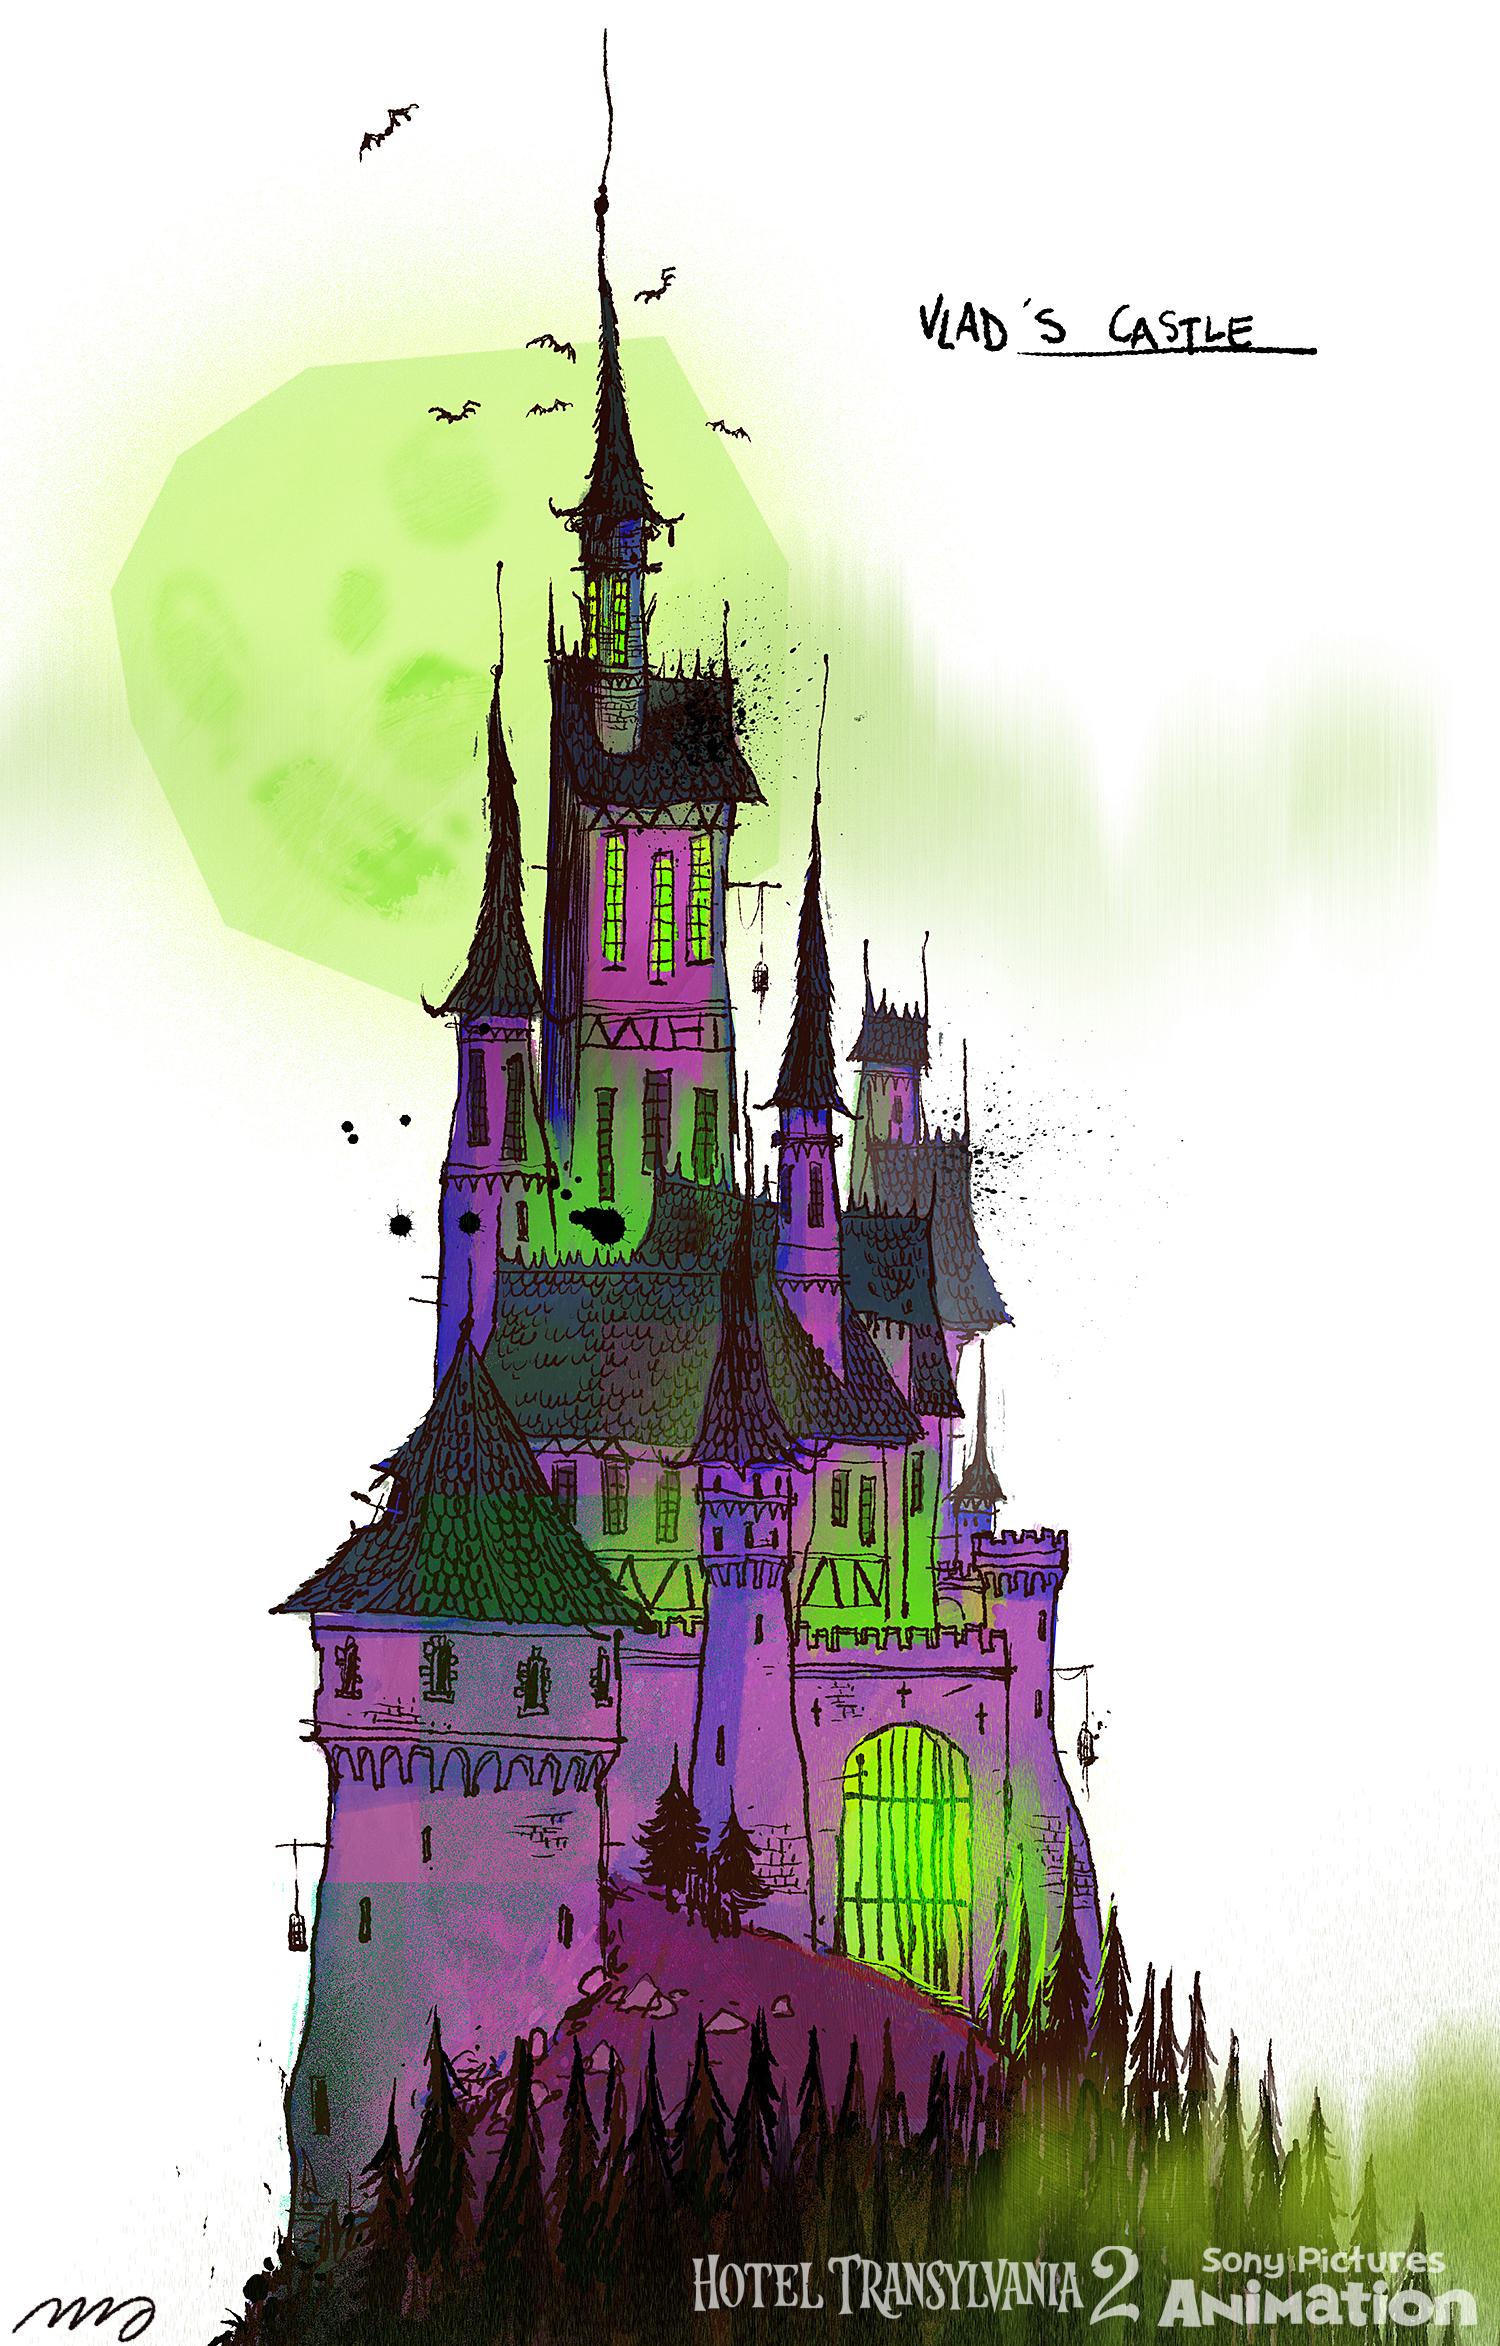 smarc-HT2-Drac's-dad-castle08b.jpg